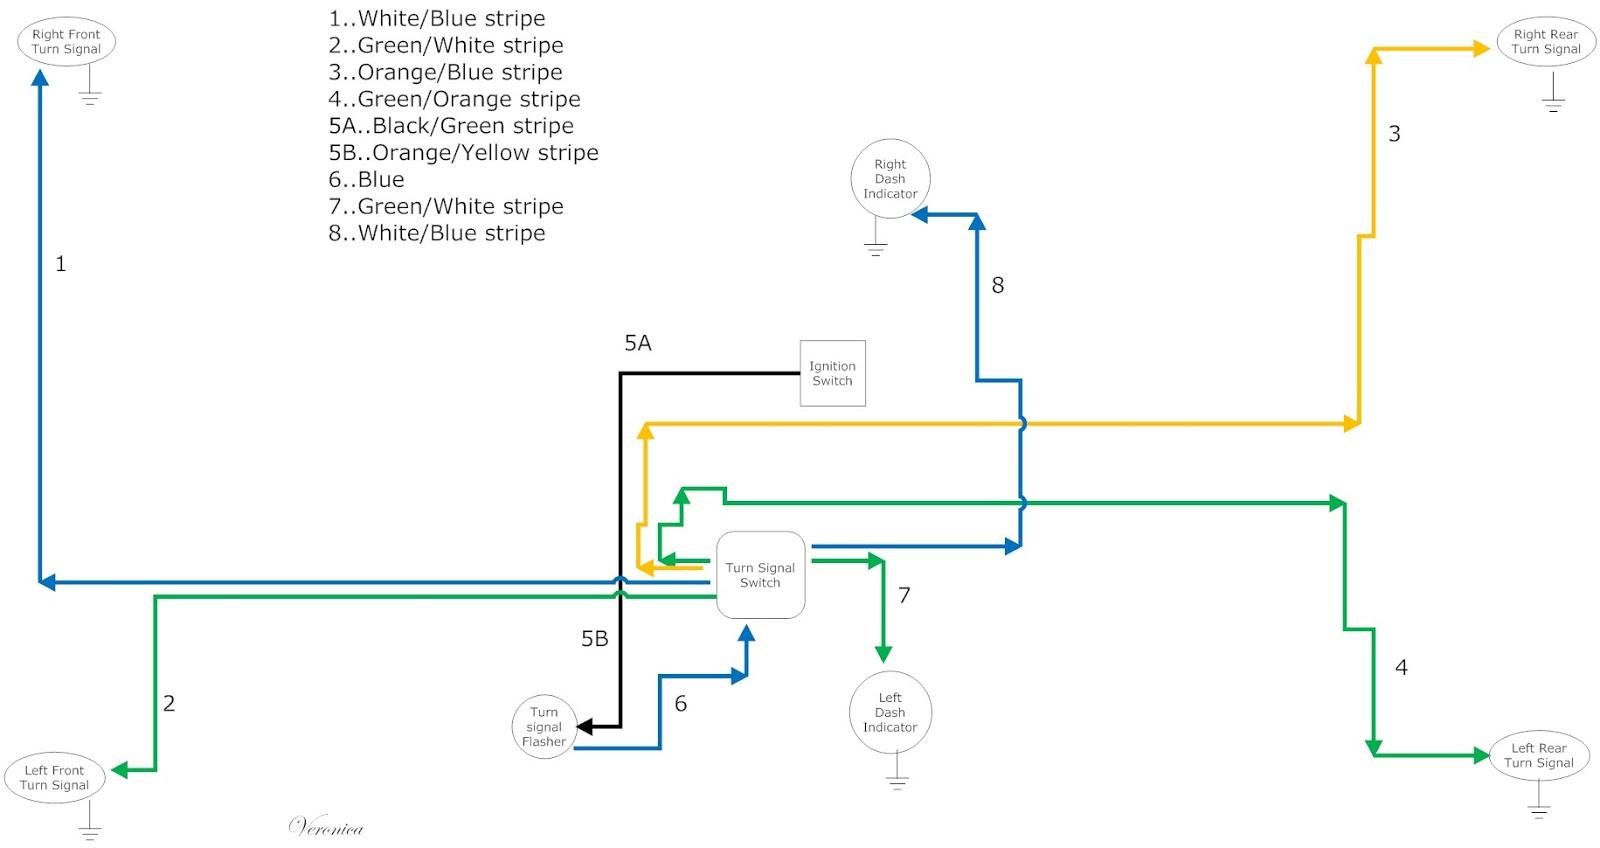 64 corvette tail light wiring diagram